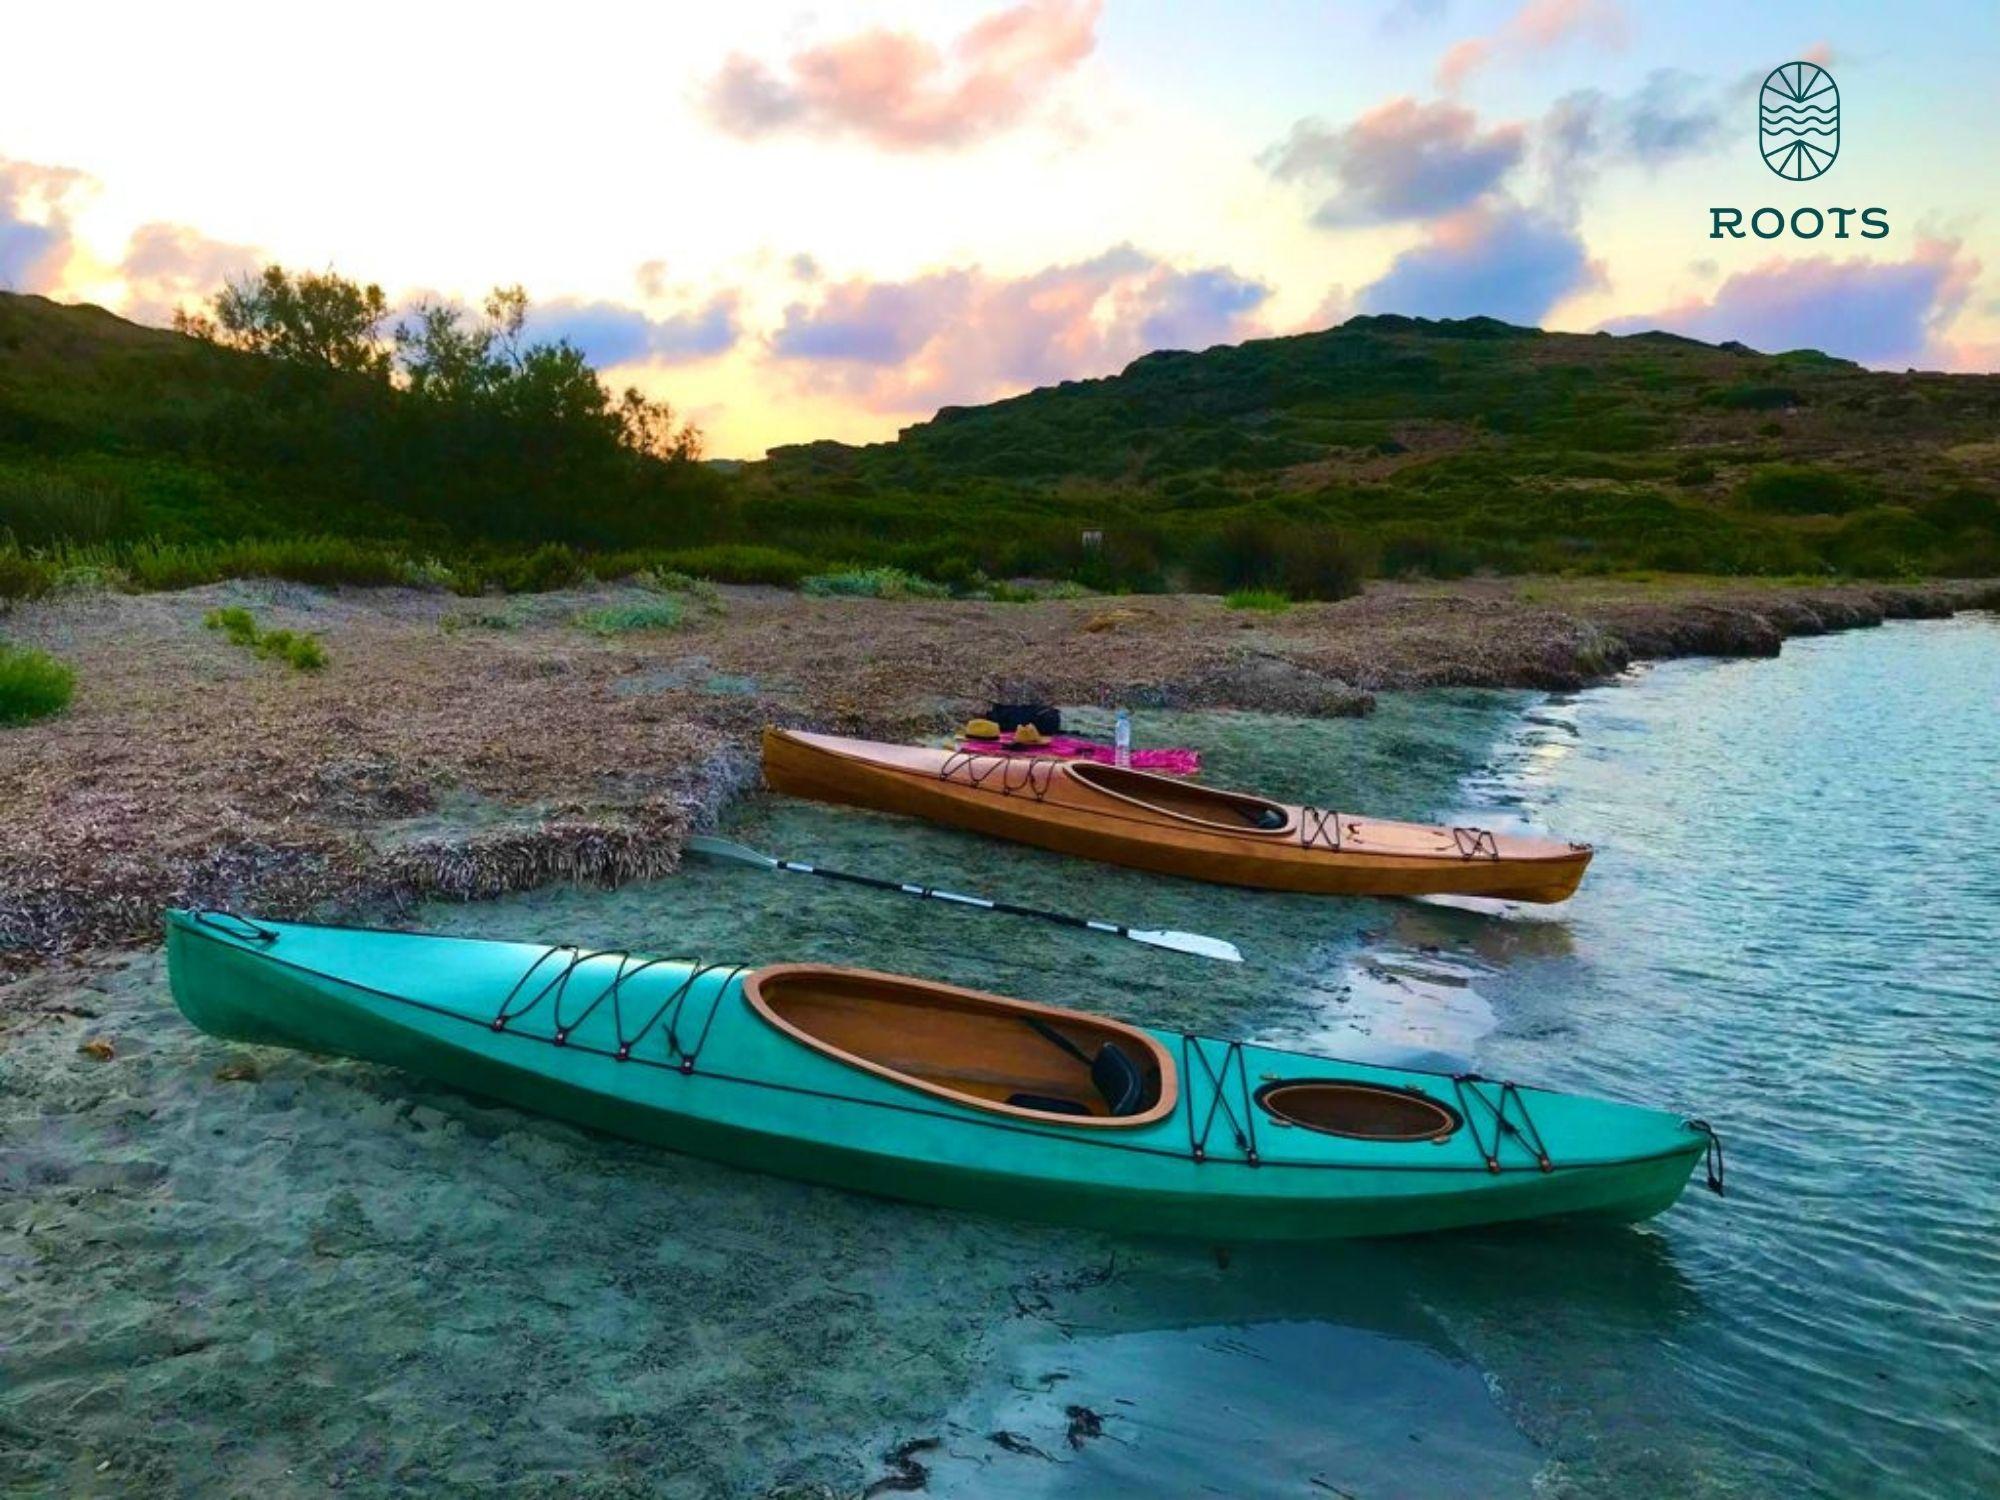 Kayak de madera Roots